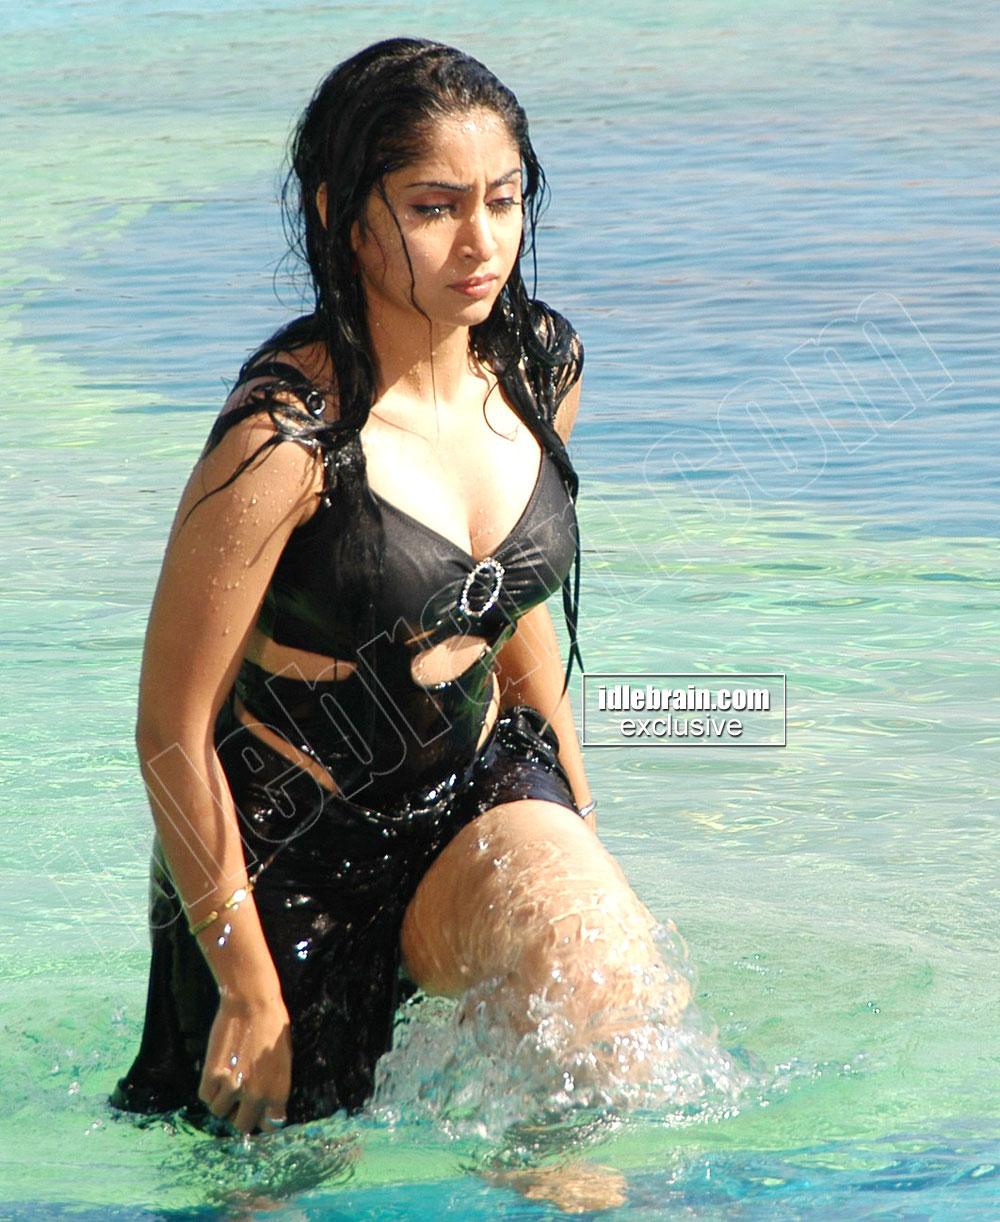 http://2.bp.blogspot.com/_AxD82qX6mIs/TB7JhUG1iAI/AAAAAAAAIOY/WndhrBManYE/s1600/aishwarya4.jpg